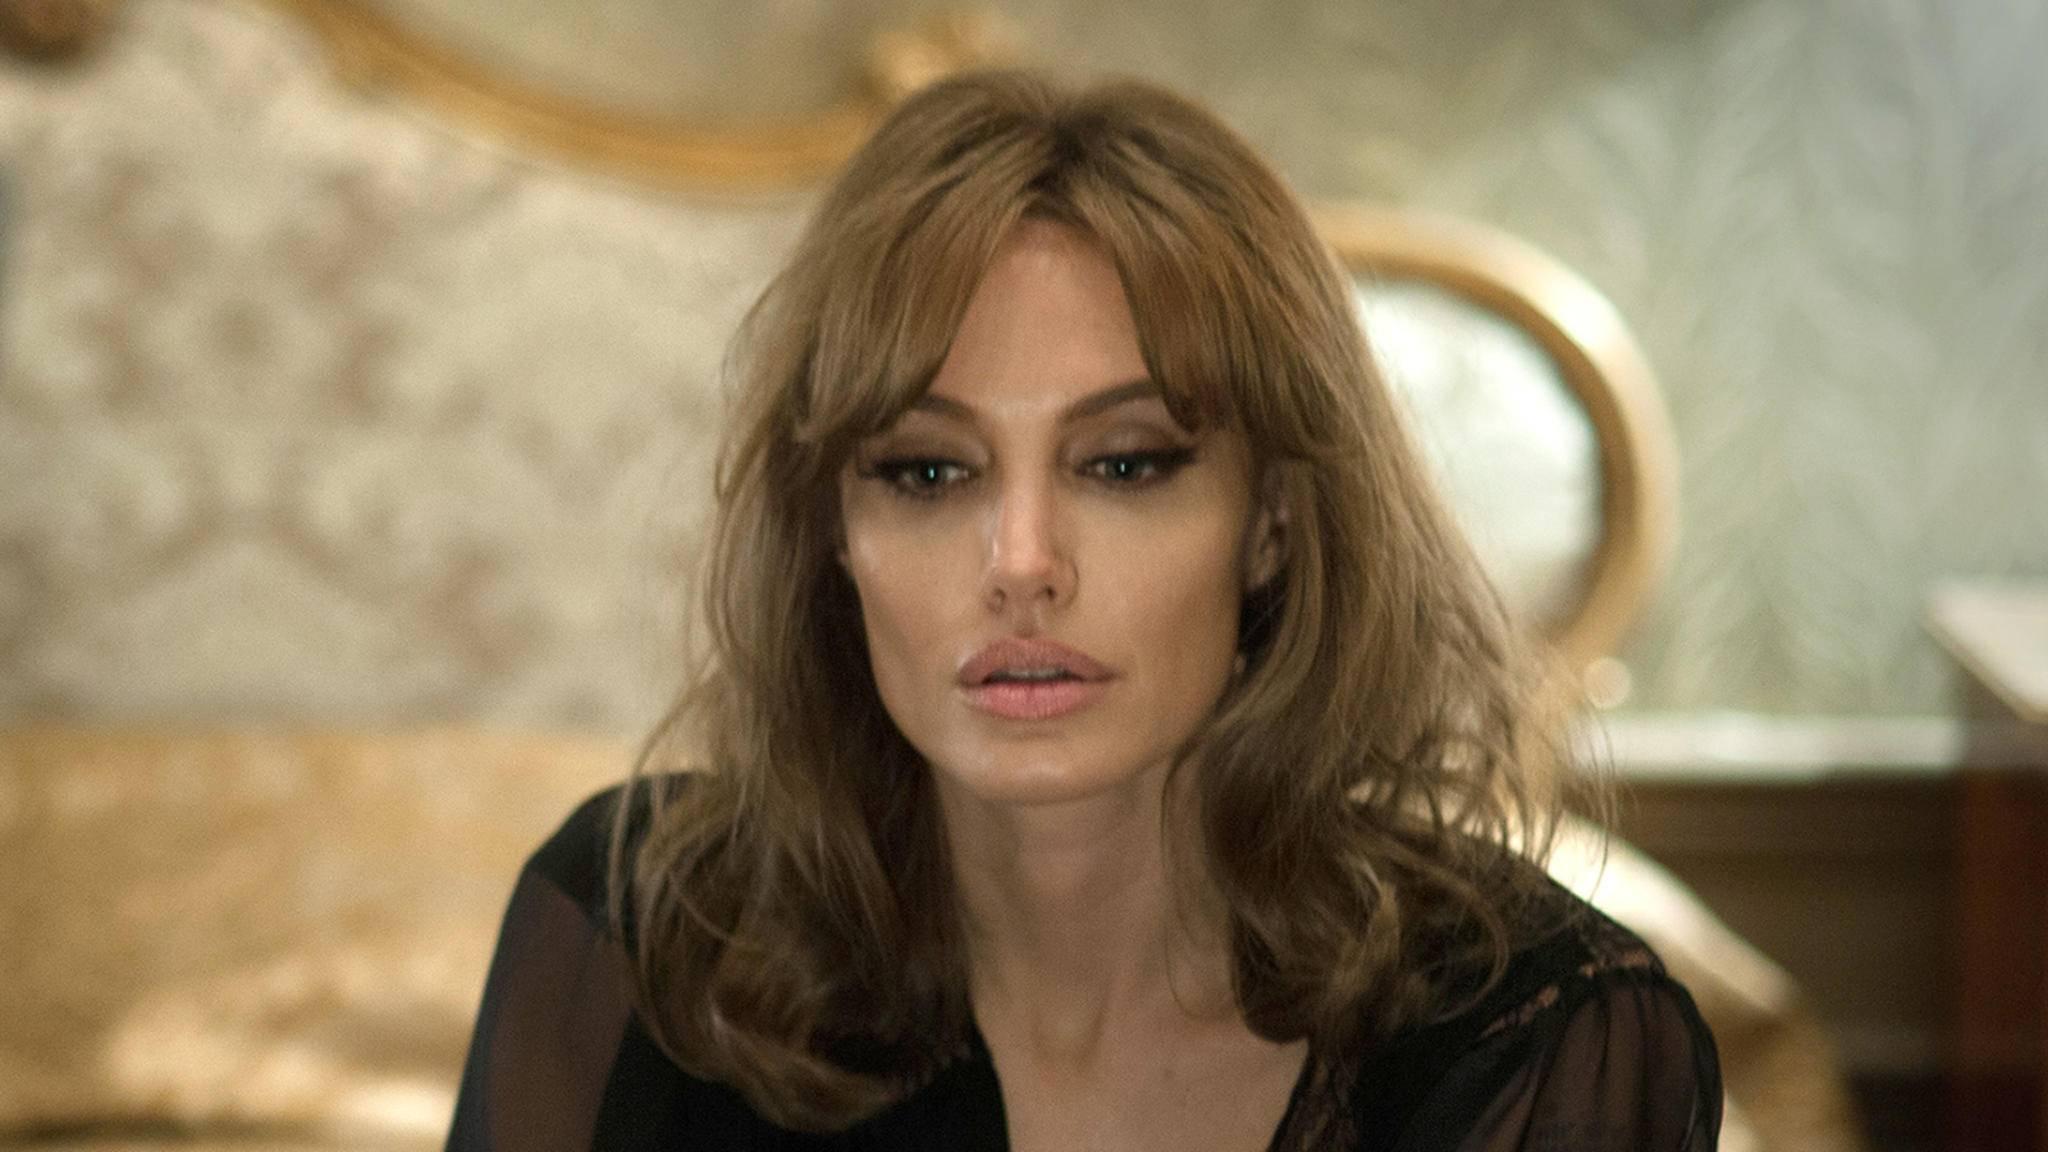 Ihre Rolle als Videospielheldin Lara Croft machte Angelina Jolie zum Superstar.